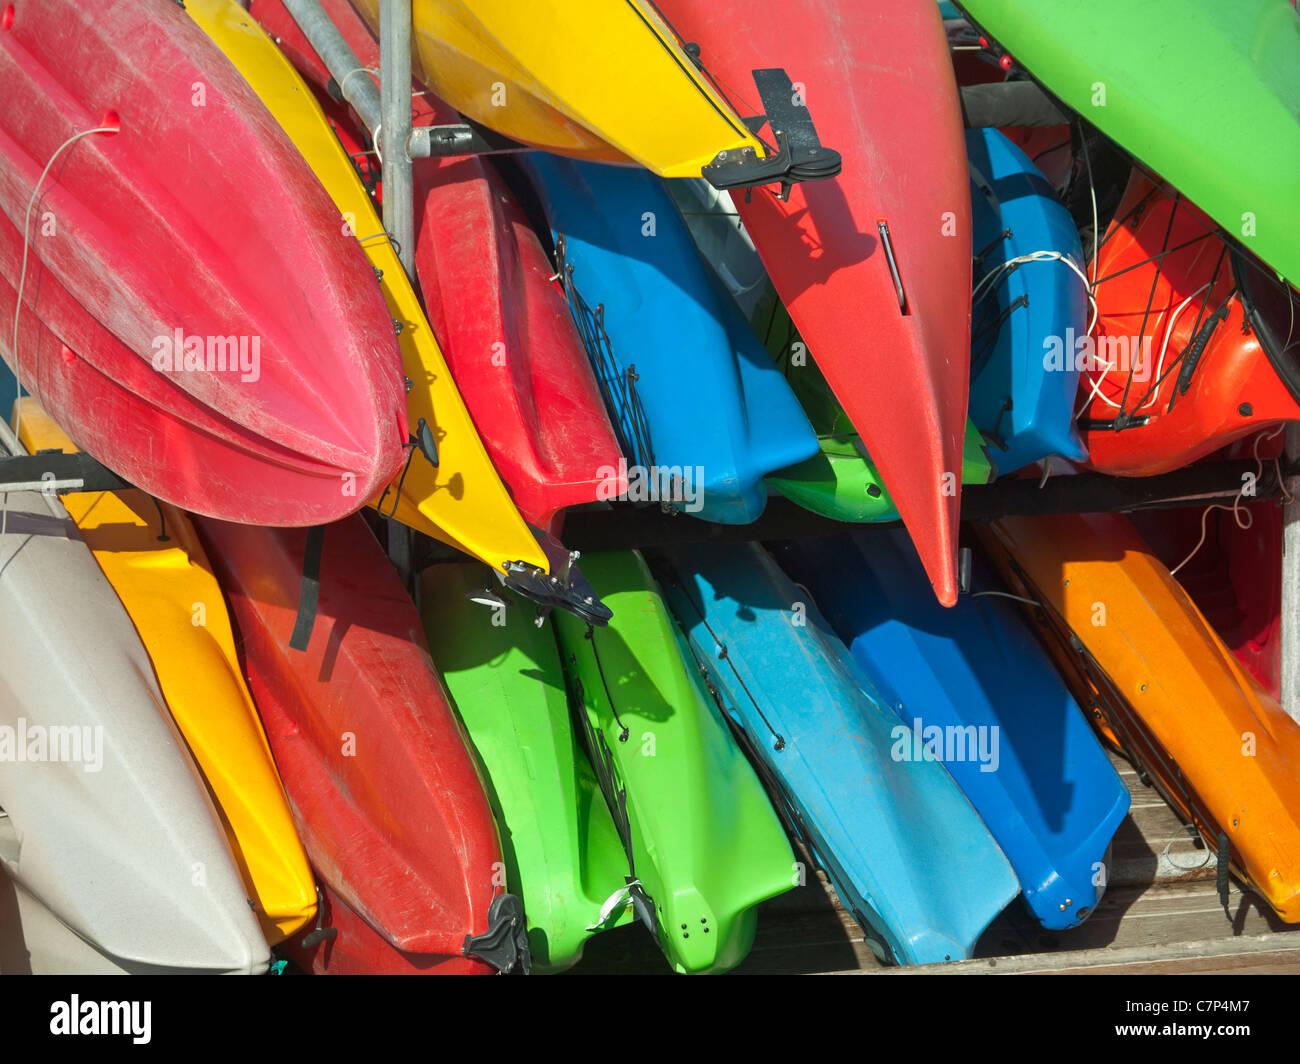 Kayak Dock Stock Photos & Kayak Dock Stock Images - Alamy